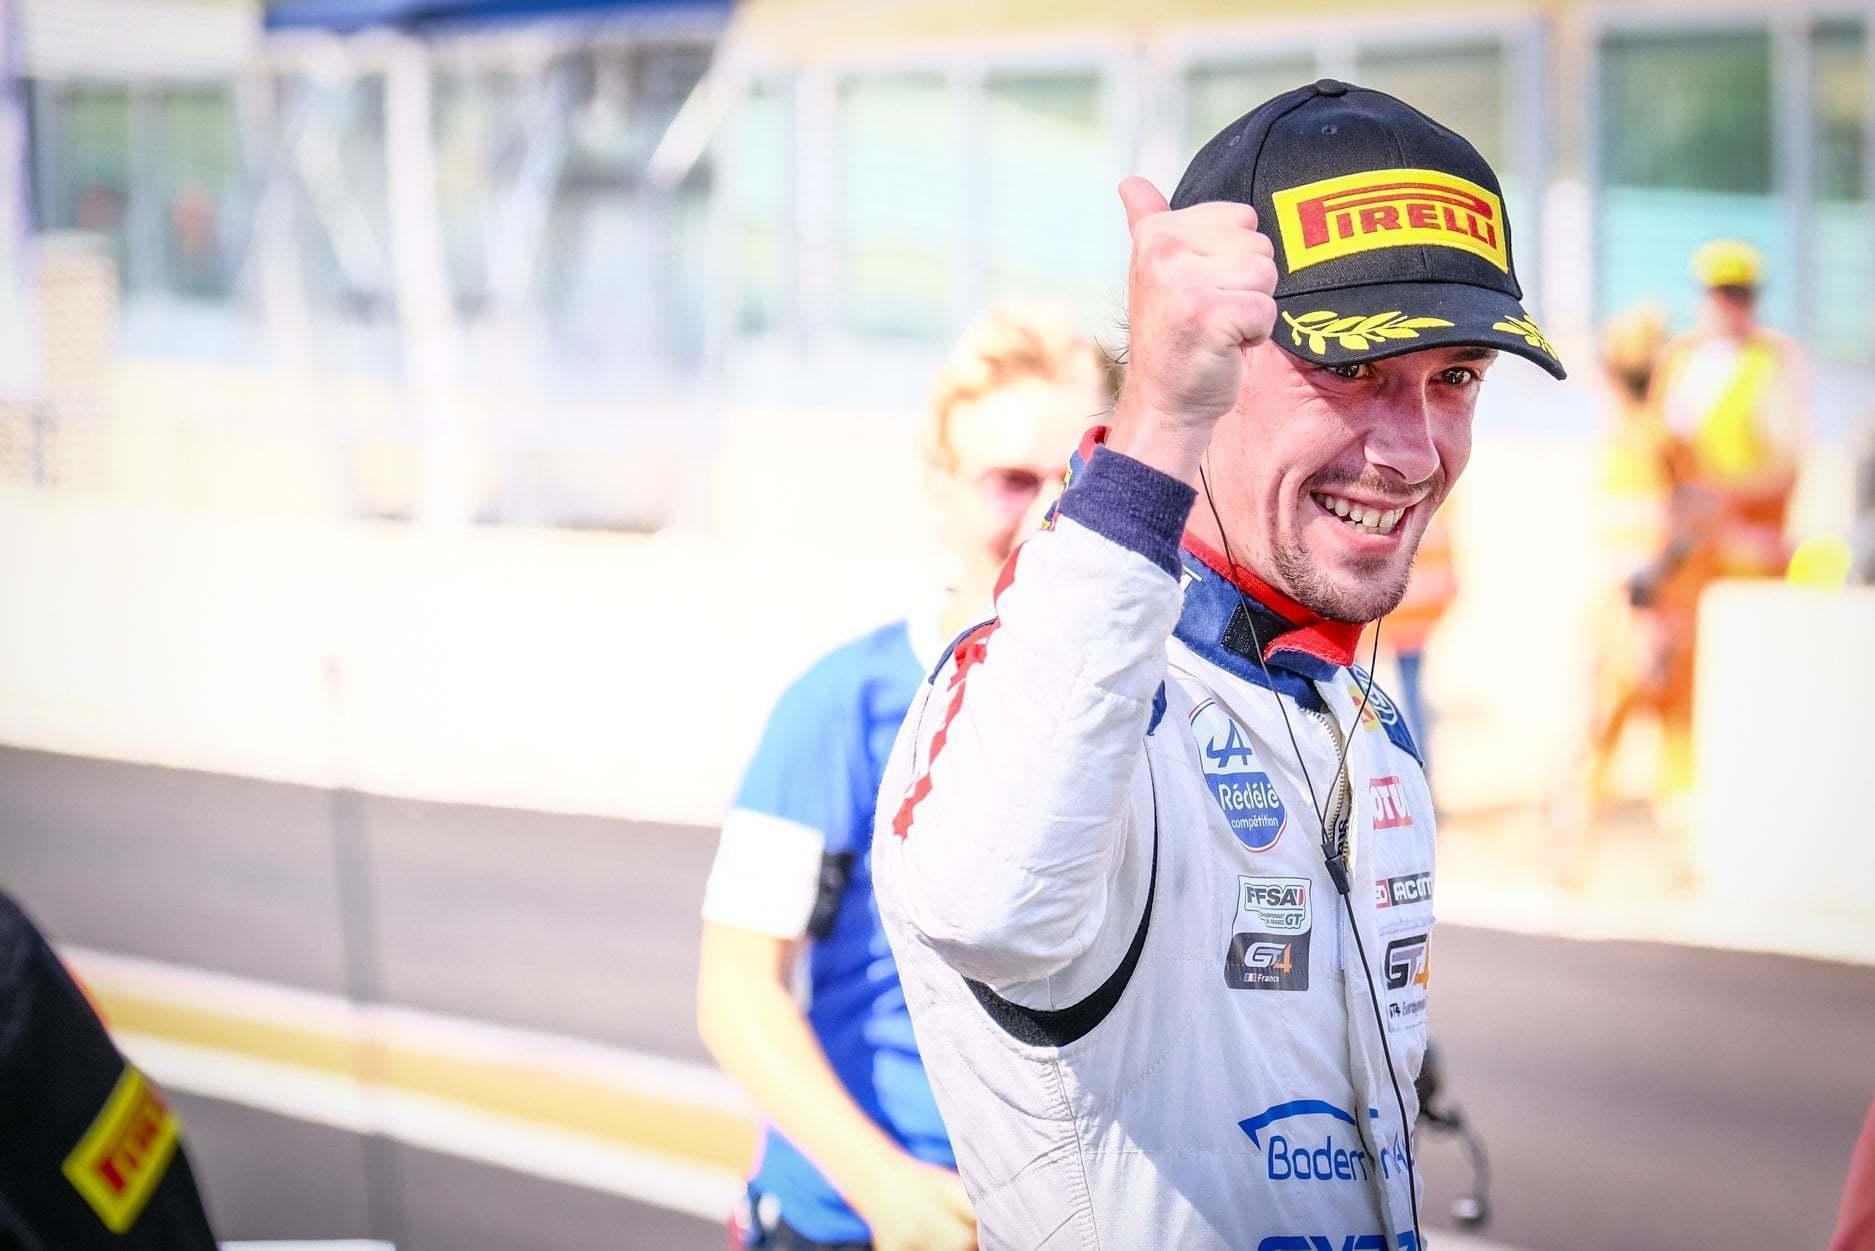 FFSA GT4 Circuit Lédenon Course 1 2019 Bodemer CMR Alpine A110 3 | FFSA GT: Rédélé Compétition s'impose à Lédenon ! (Course 1)